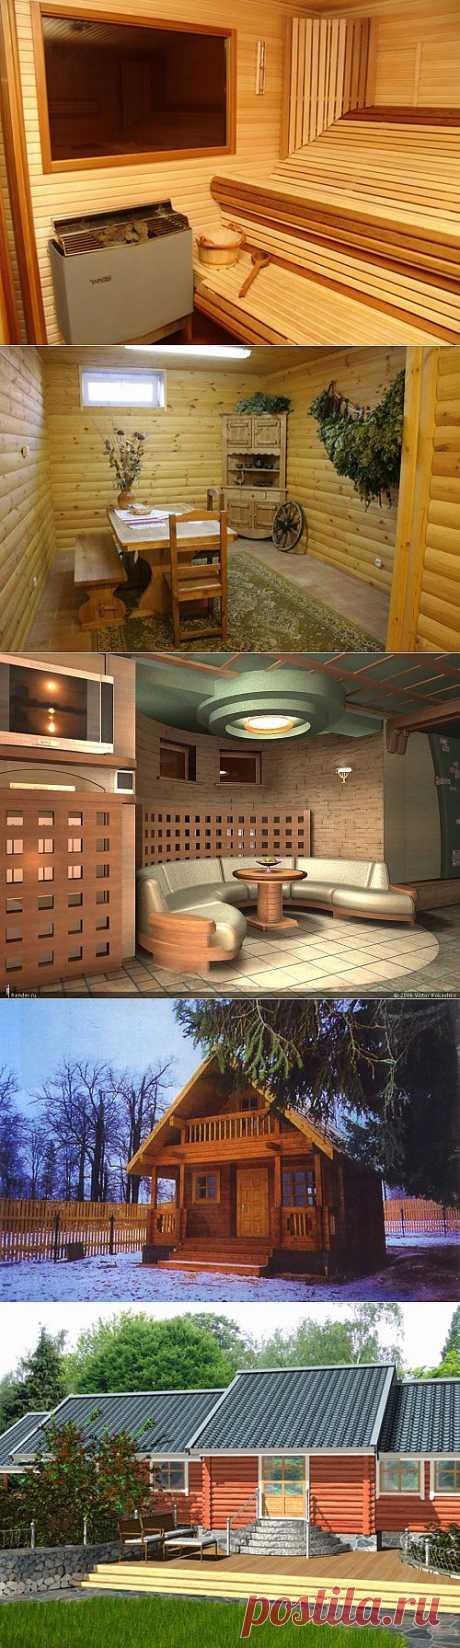 Внутренний дизайн и интерьер русской бани и сауны, фотографии и проекты, внутренняя отделка комнат отдыха, парилки и предбанника на фото